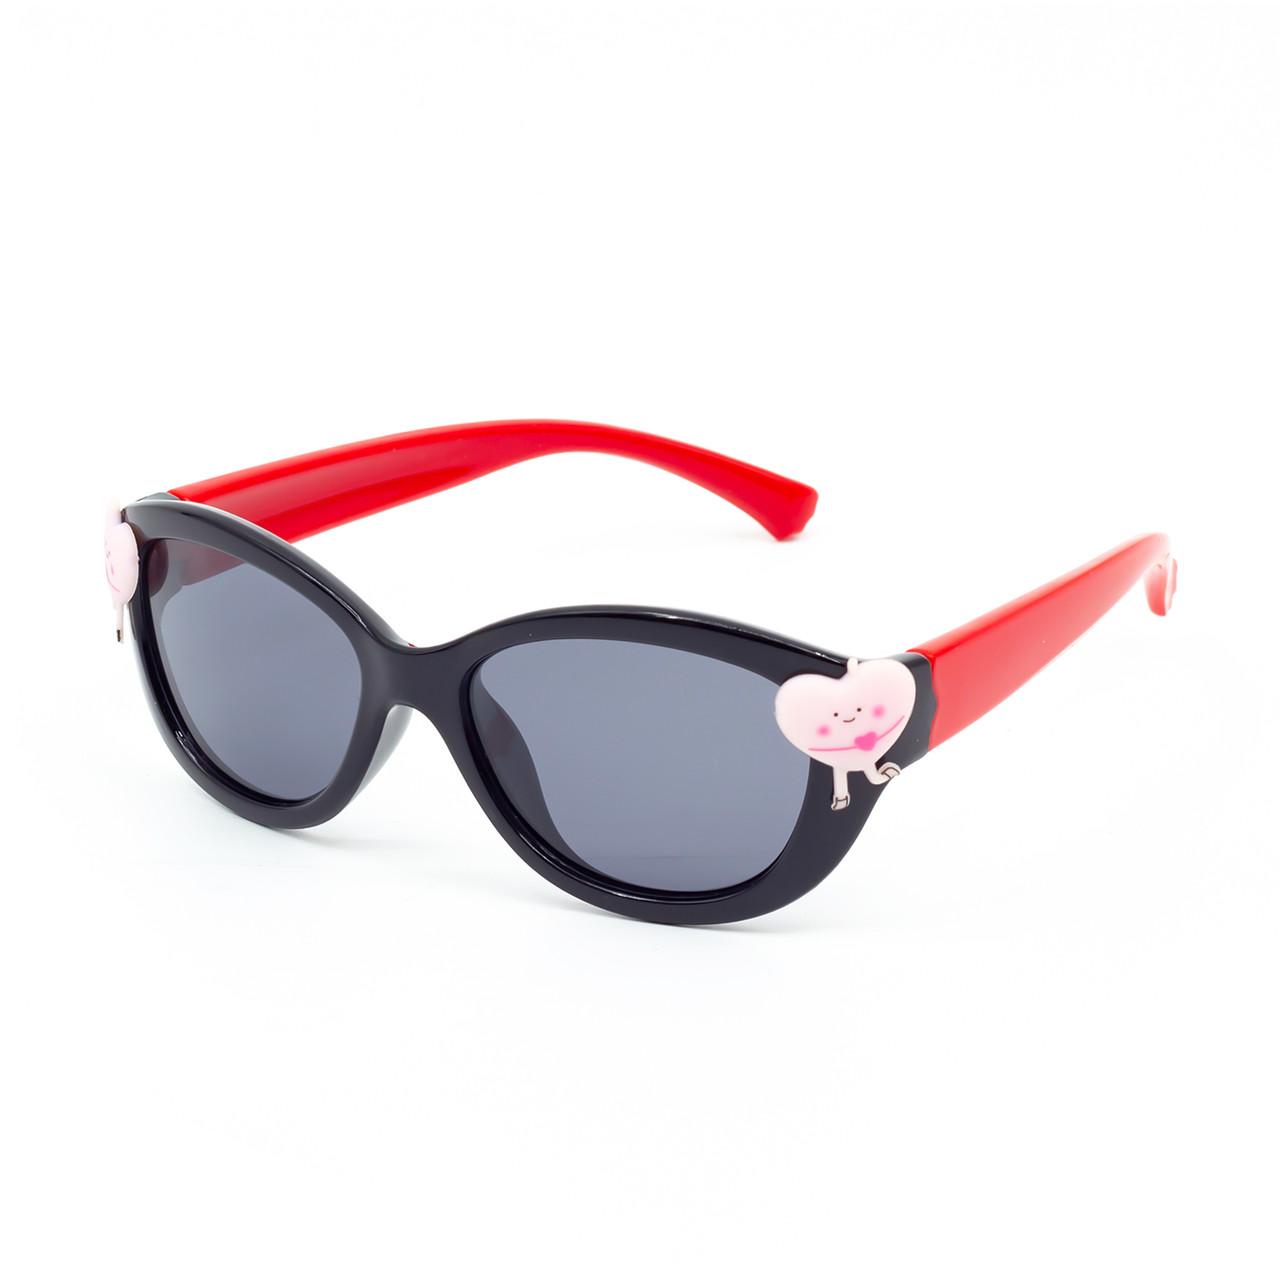 Солнцезащитные очки Marmilen 18160 C4 черные с красным    ( KA18160-04 )